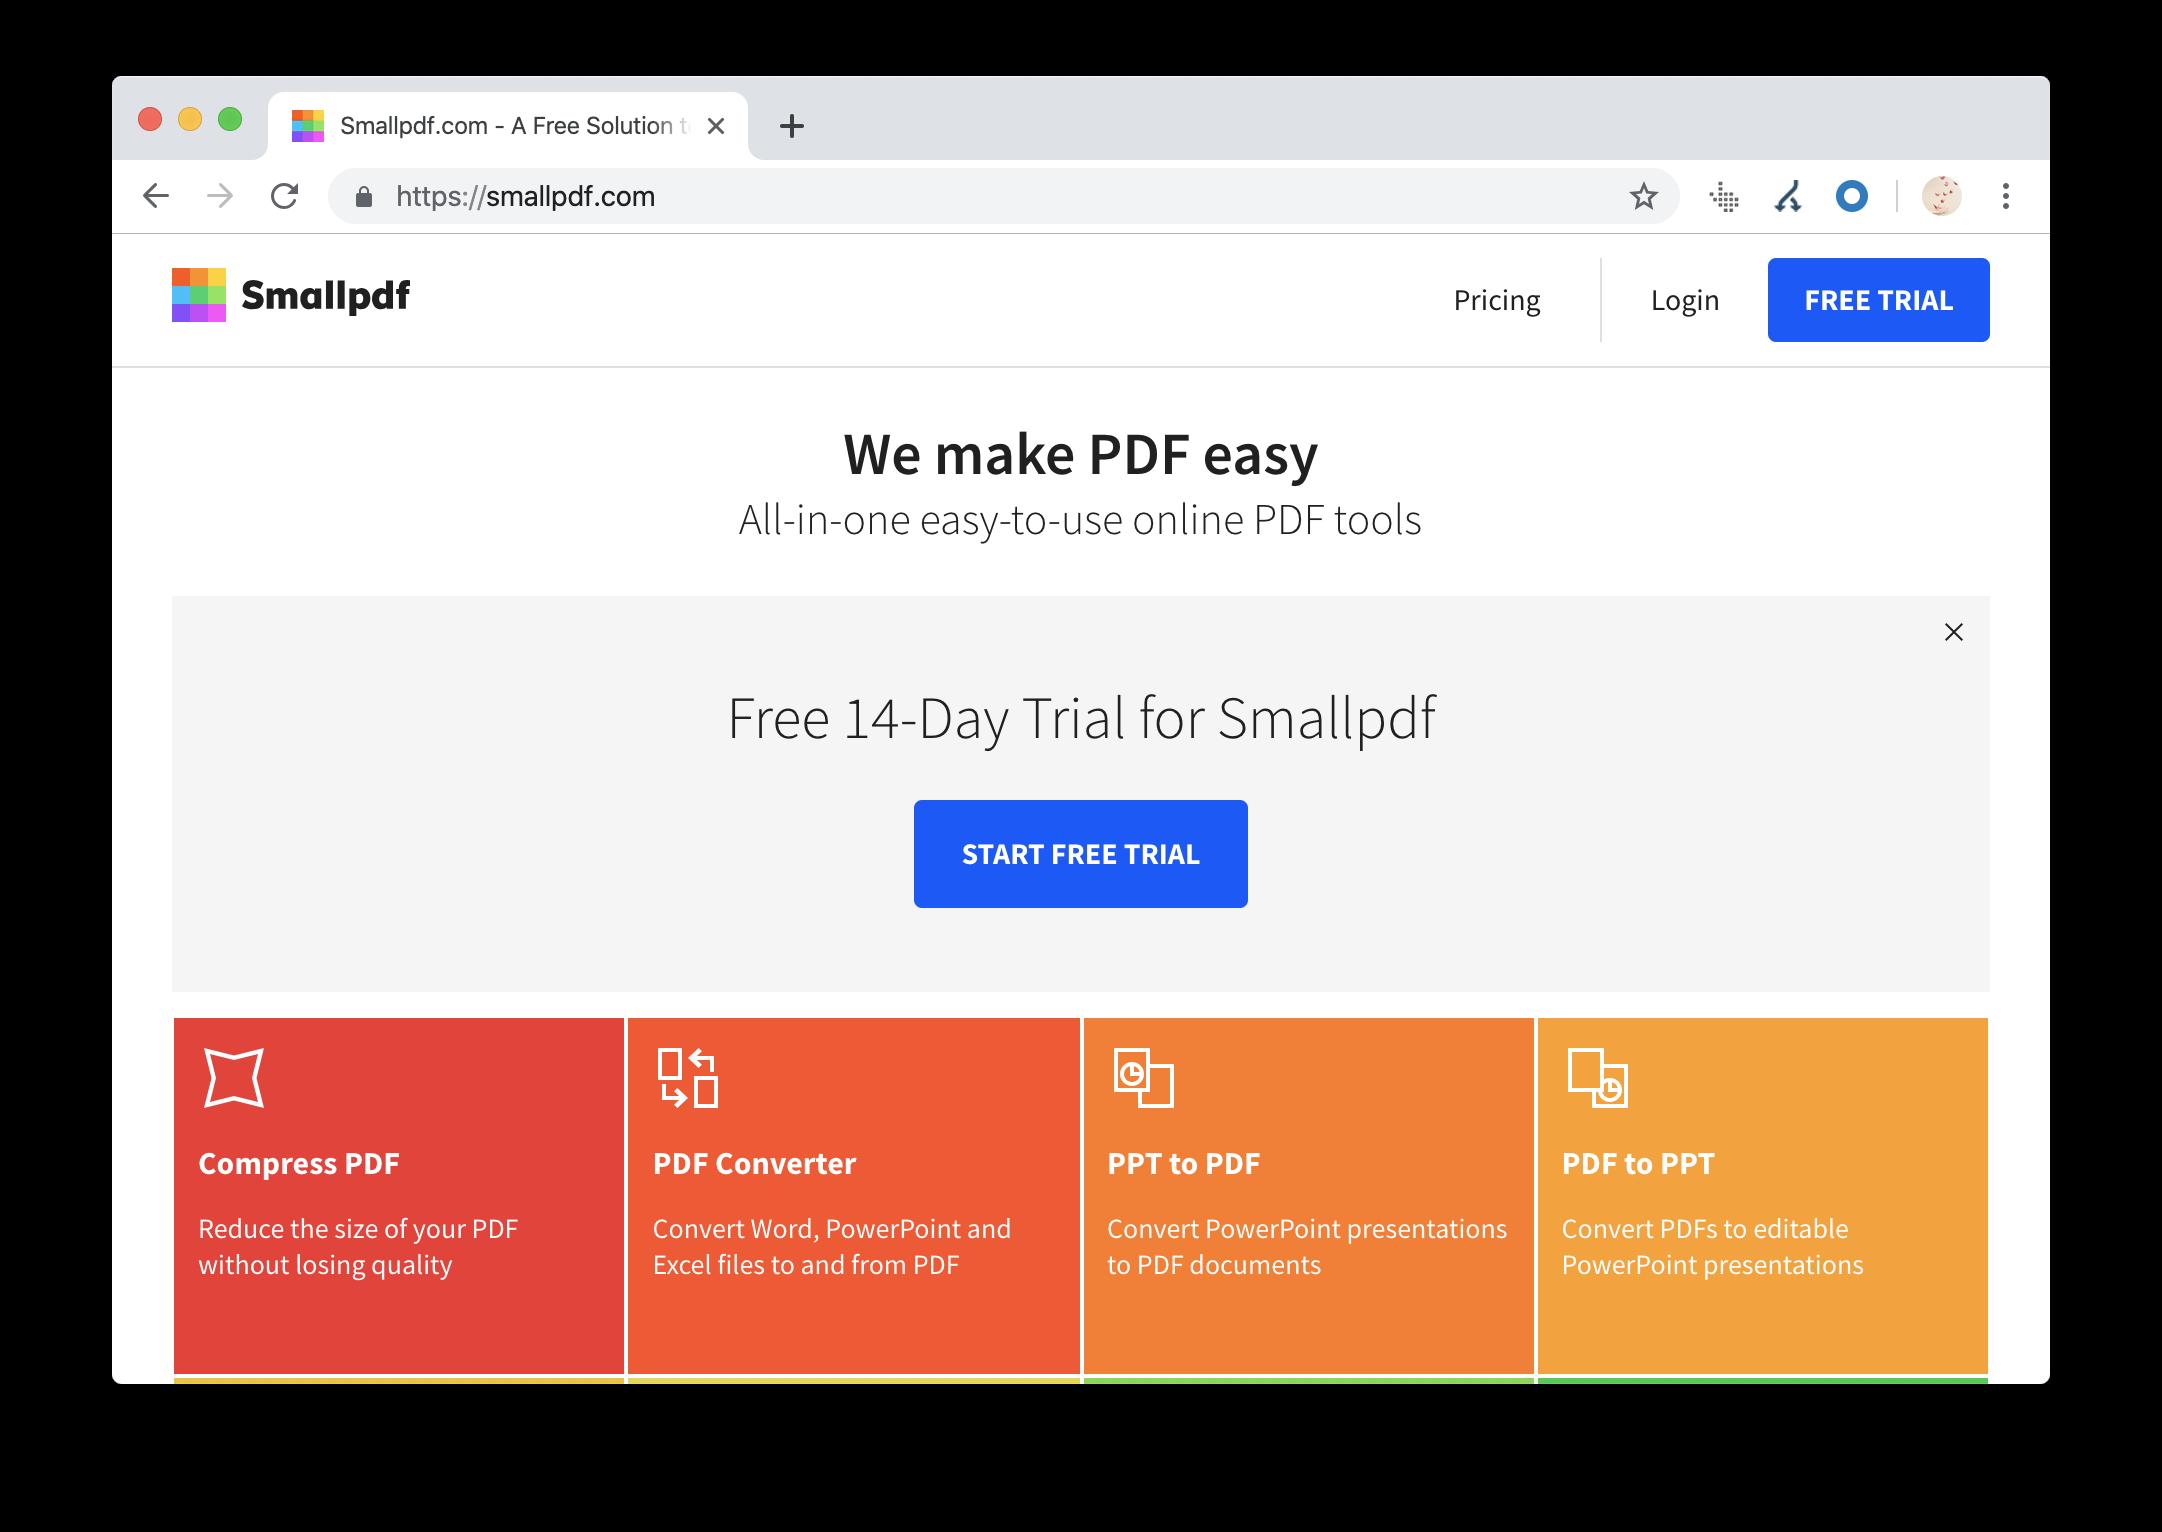 smallpdf.com website screenshot